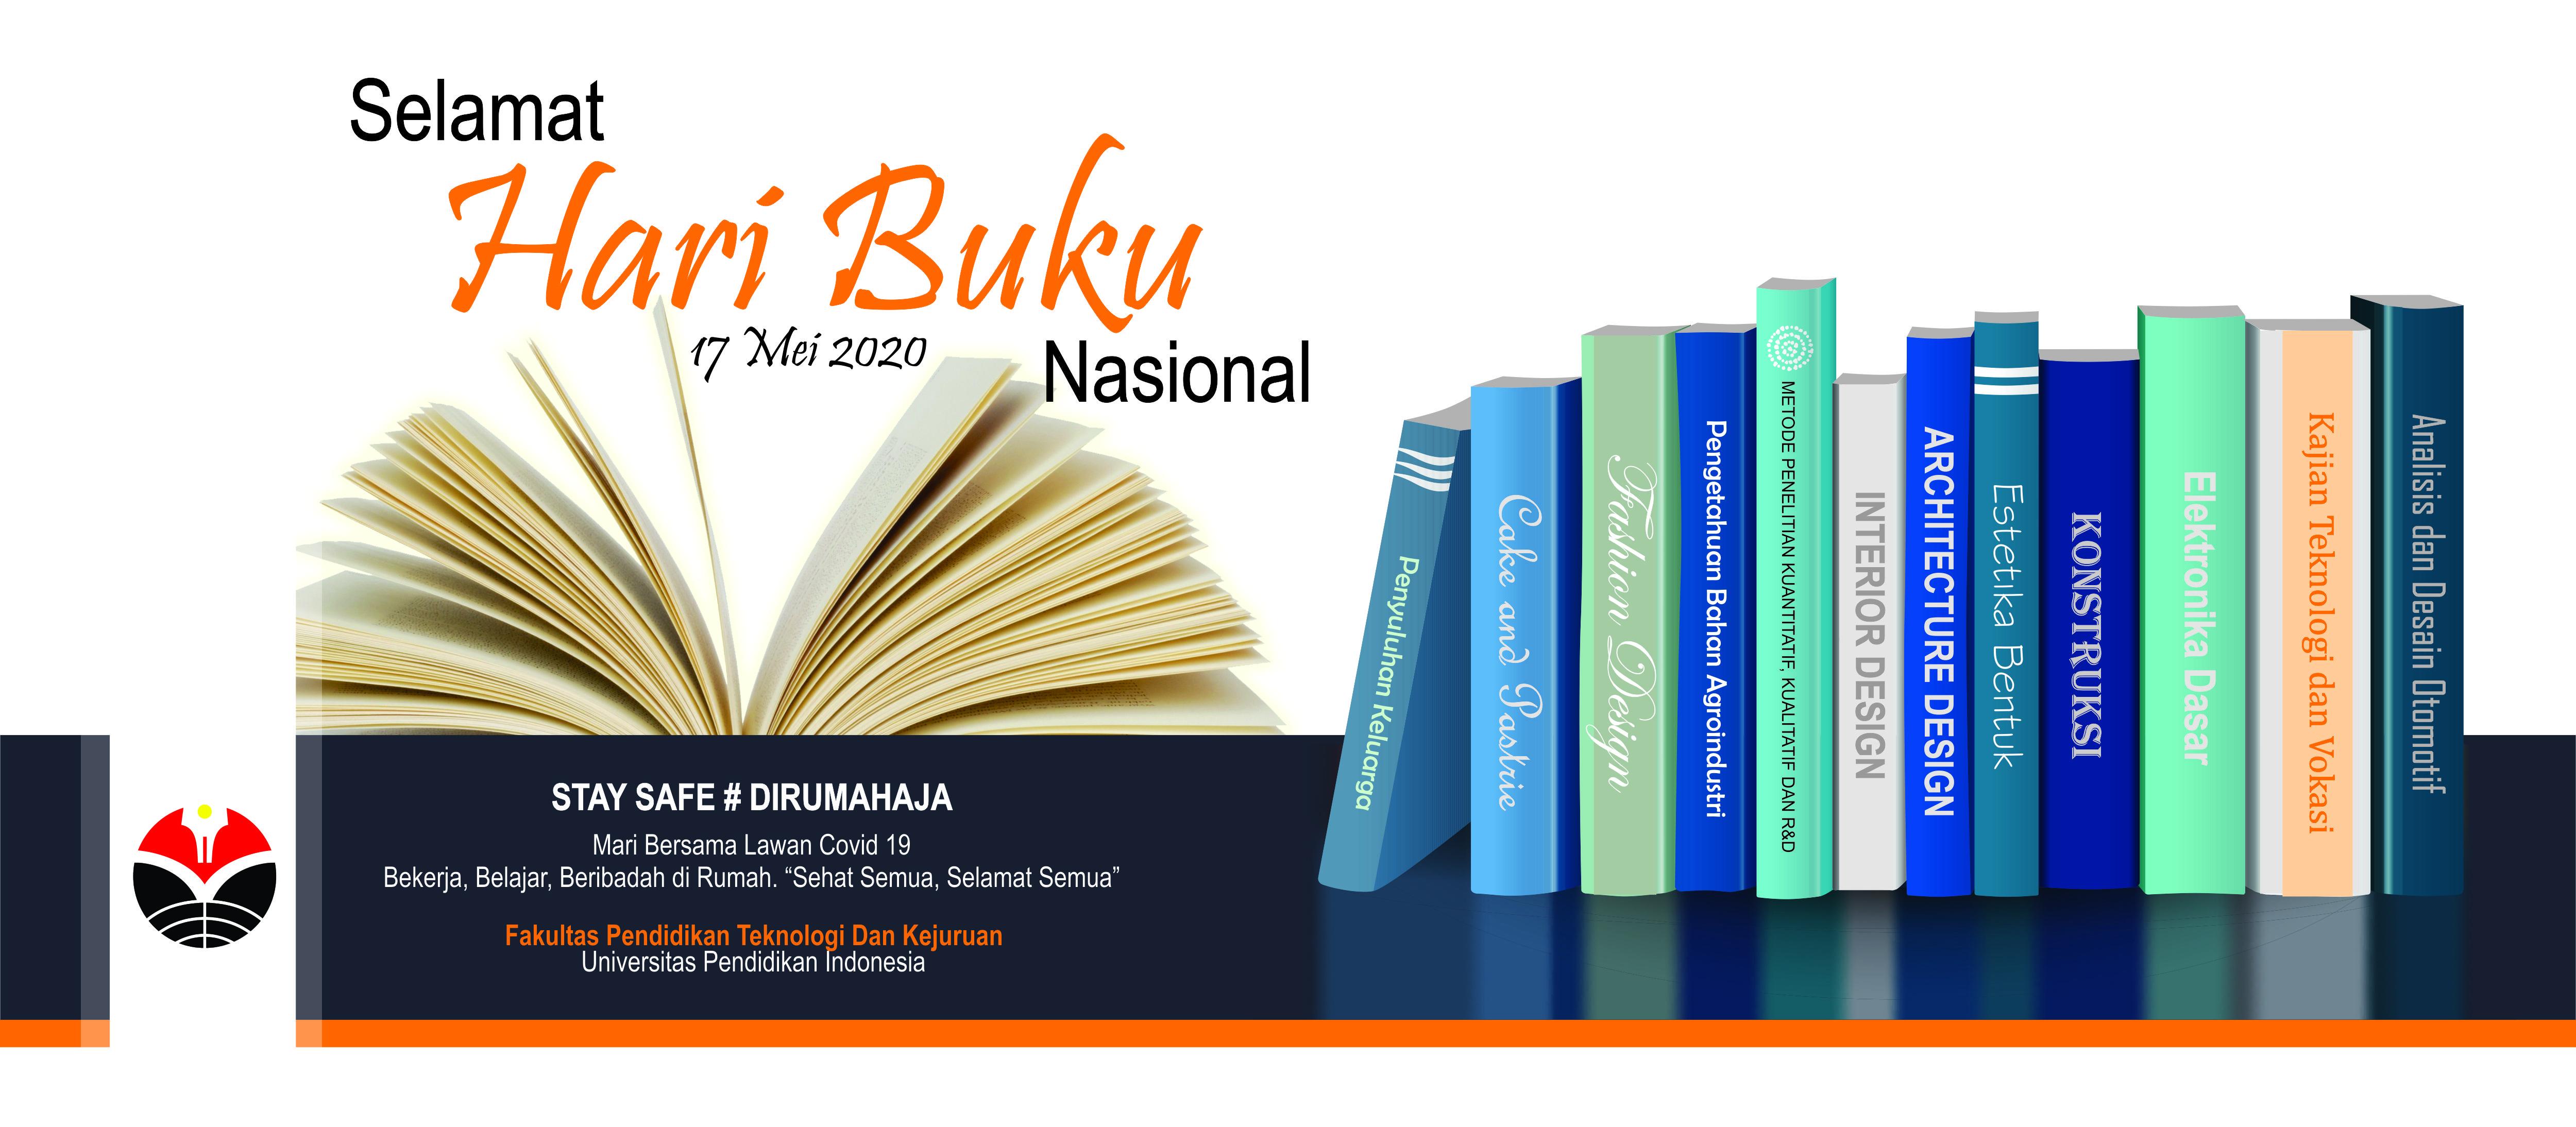 Selamat Hari Buku Nasional